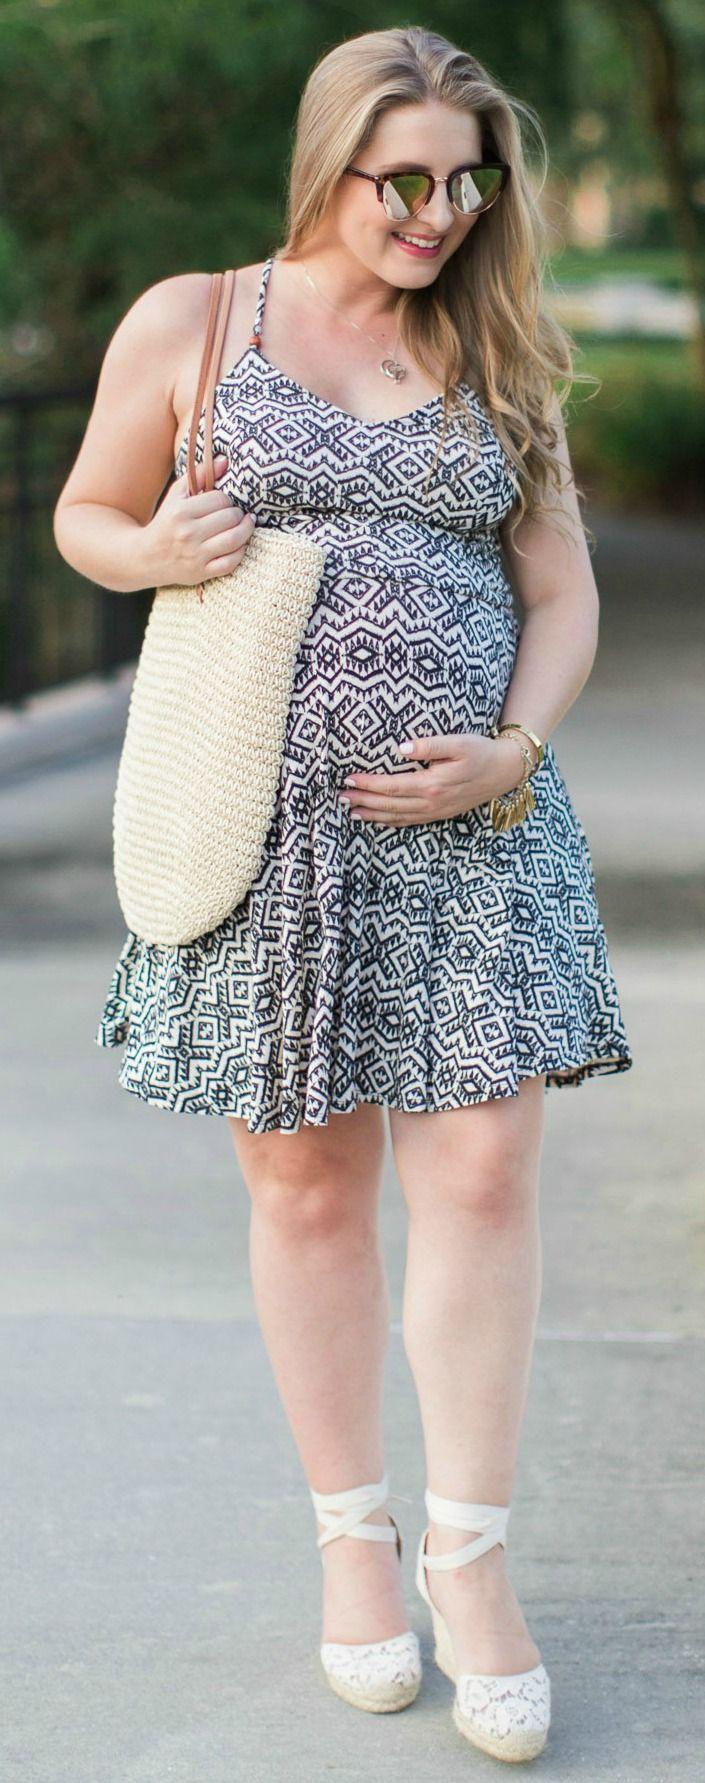 Summer Pregnancy Essentials